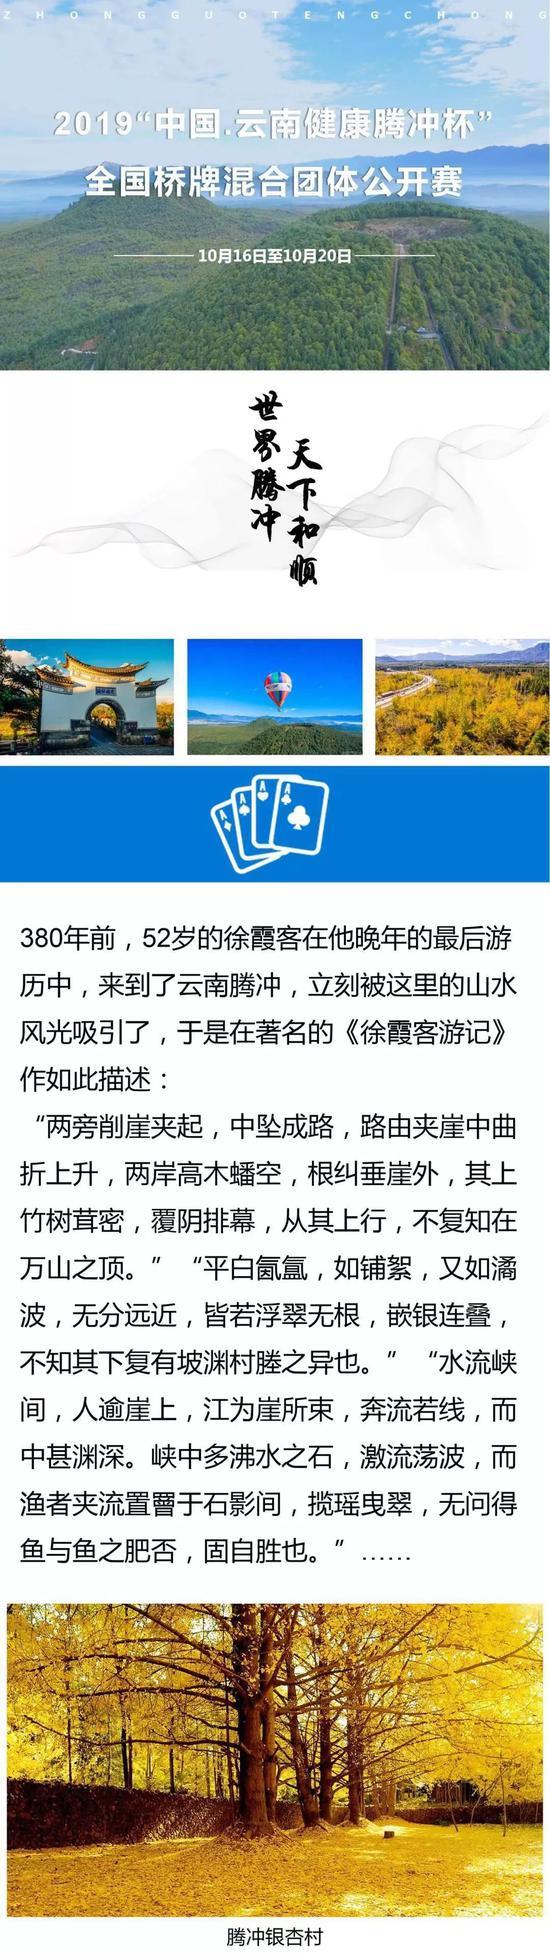 全国桥牌混合公开赛:金秋十月 腾冲邀您边城对垒